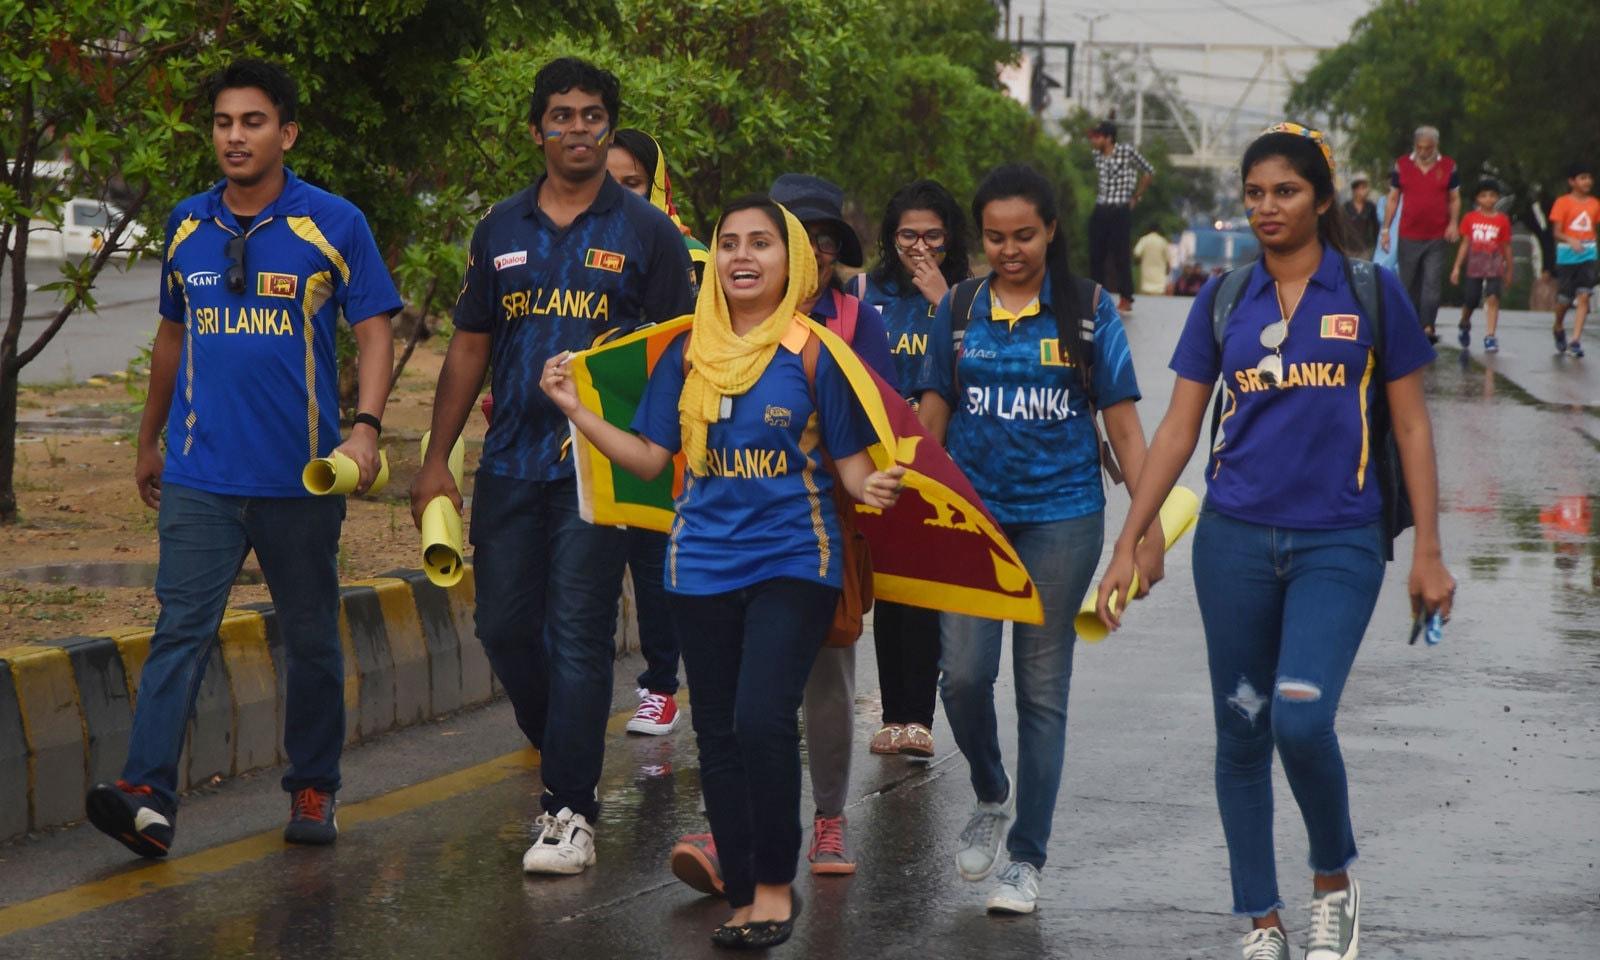 سری لنکن شائقین پہلے ون ڈے میچ میں اپنی ٹیم کو سپورٹ کرنے کے لیے اسٹیڈیم کی جانب رواں دواں ہیں— فوٹو: اے ایف پی